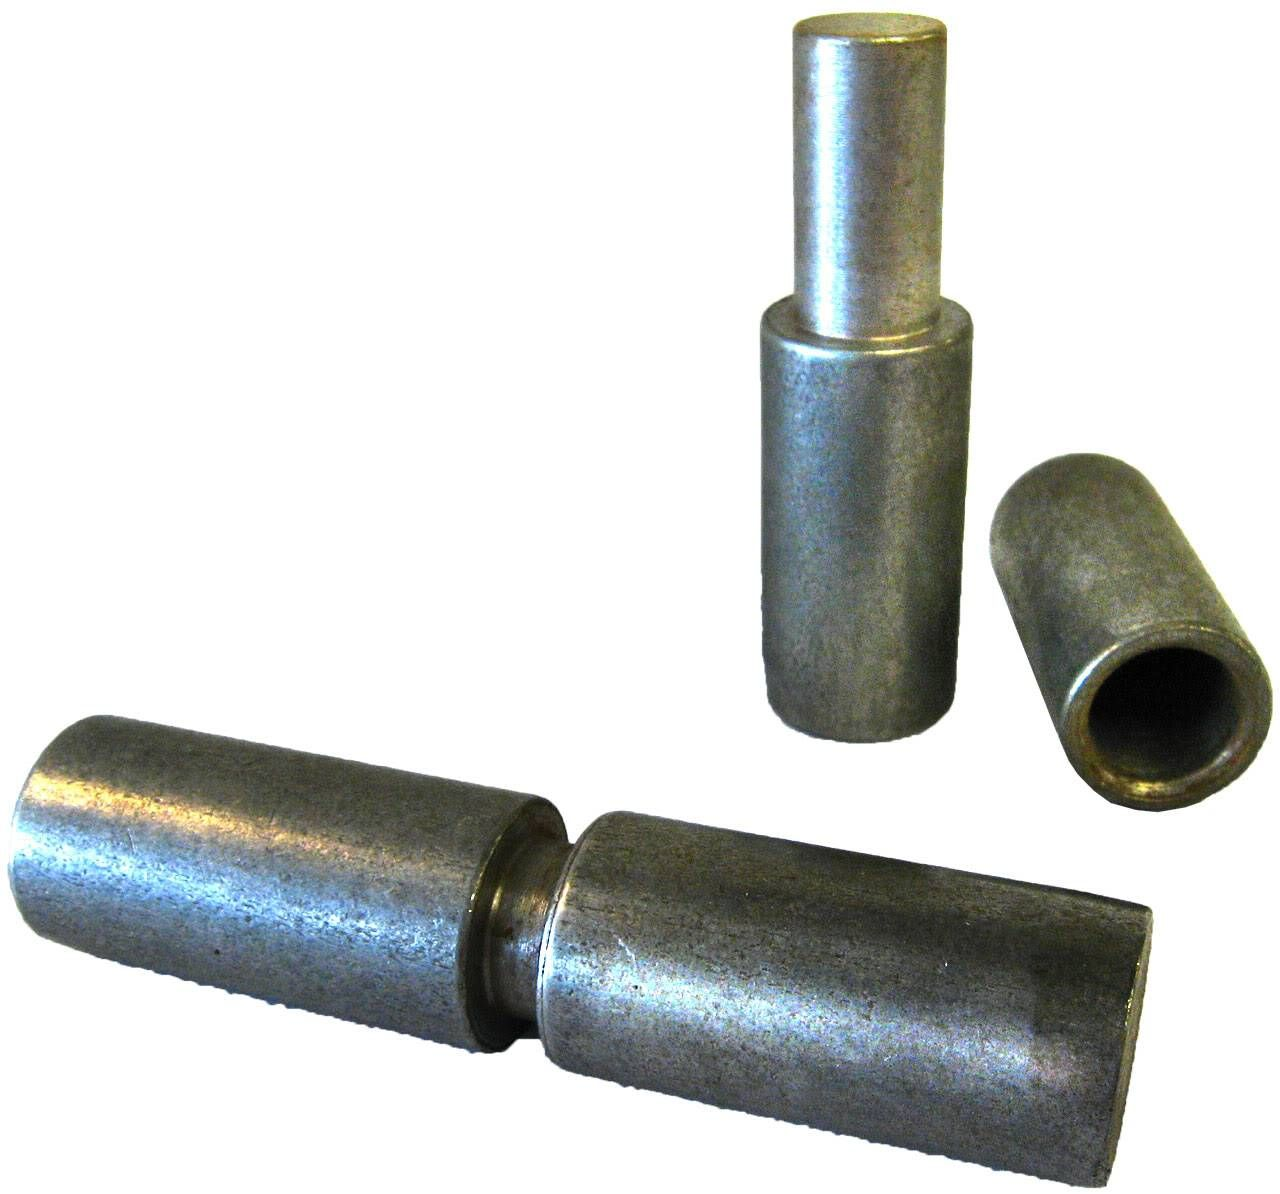 Manual Sheet Metal Brake Jeepforum Com Sheet Metal Brake Sheet Metal Bender Metal Bender